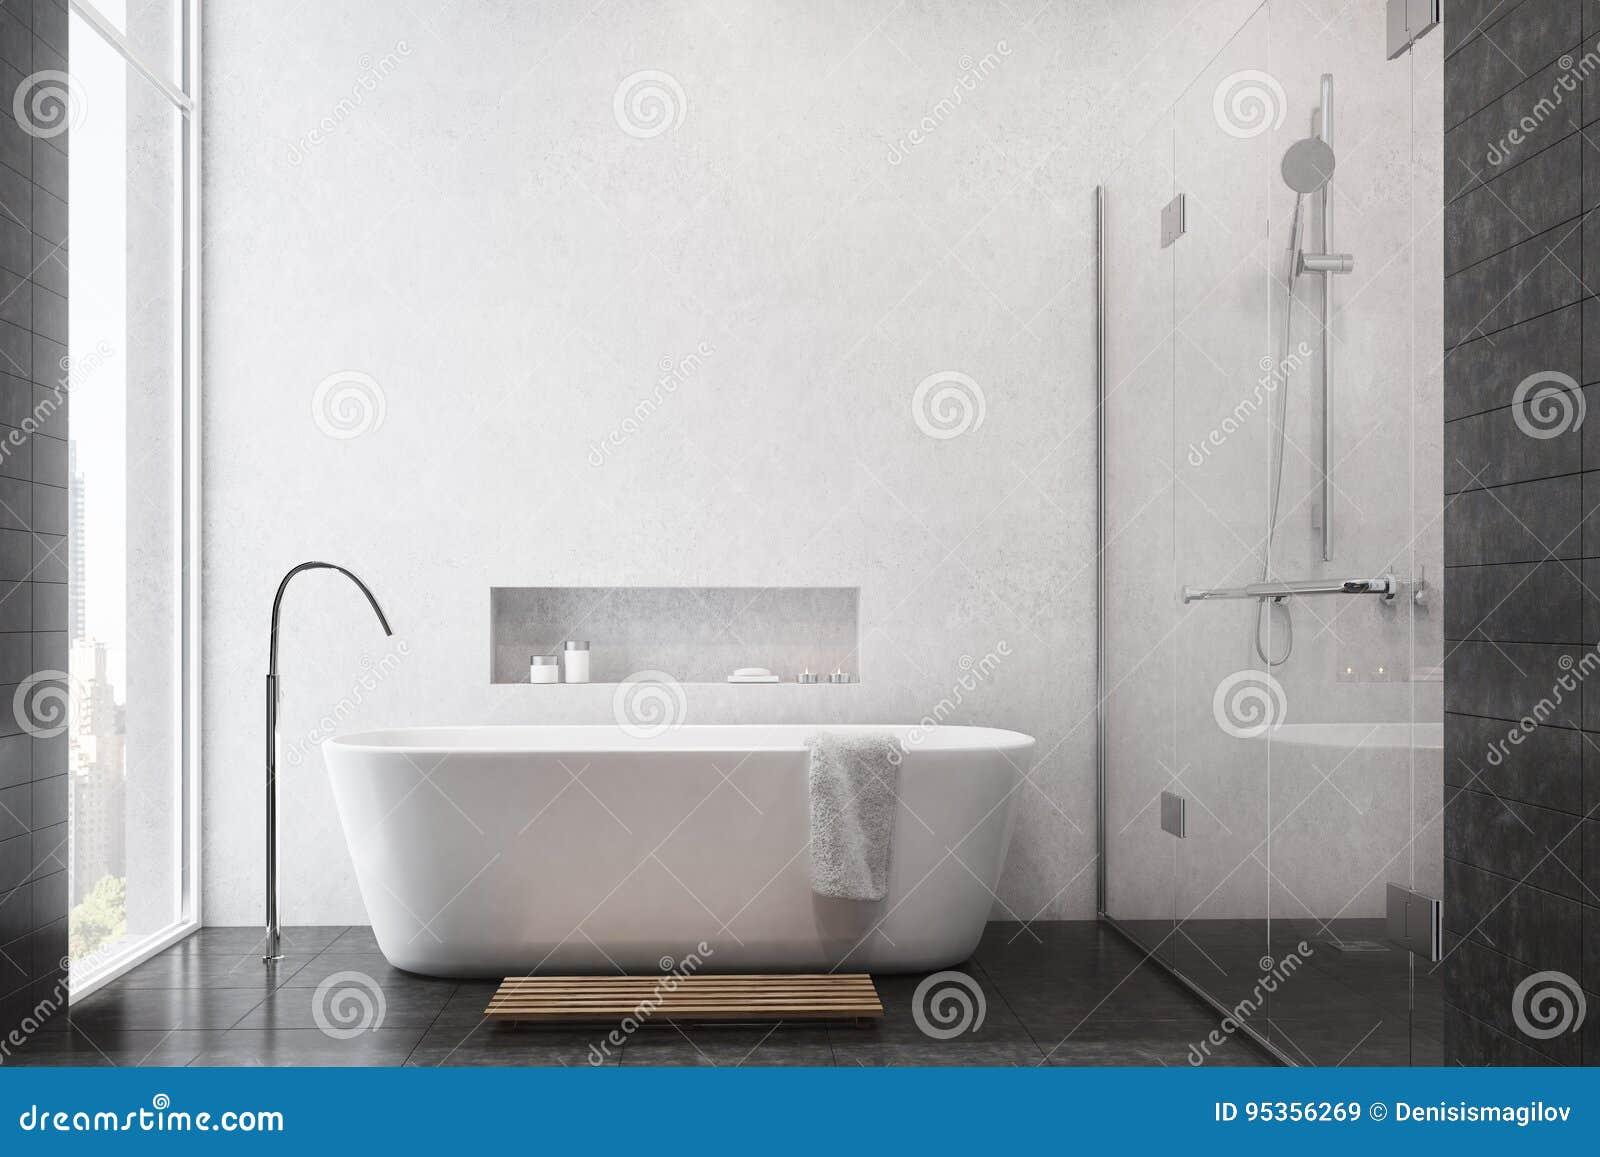 Weißes Badezimmer, Schwarze Fliesen, Dusche Stock Abbildung ...